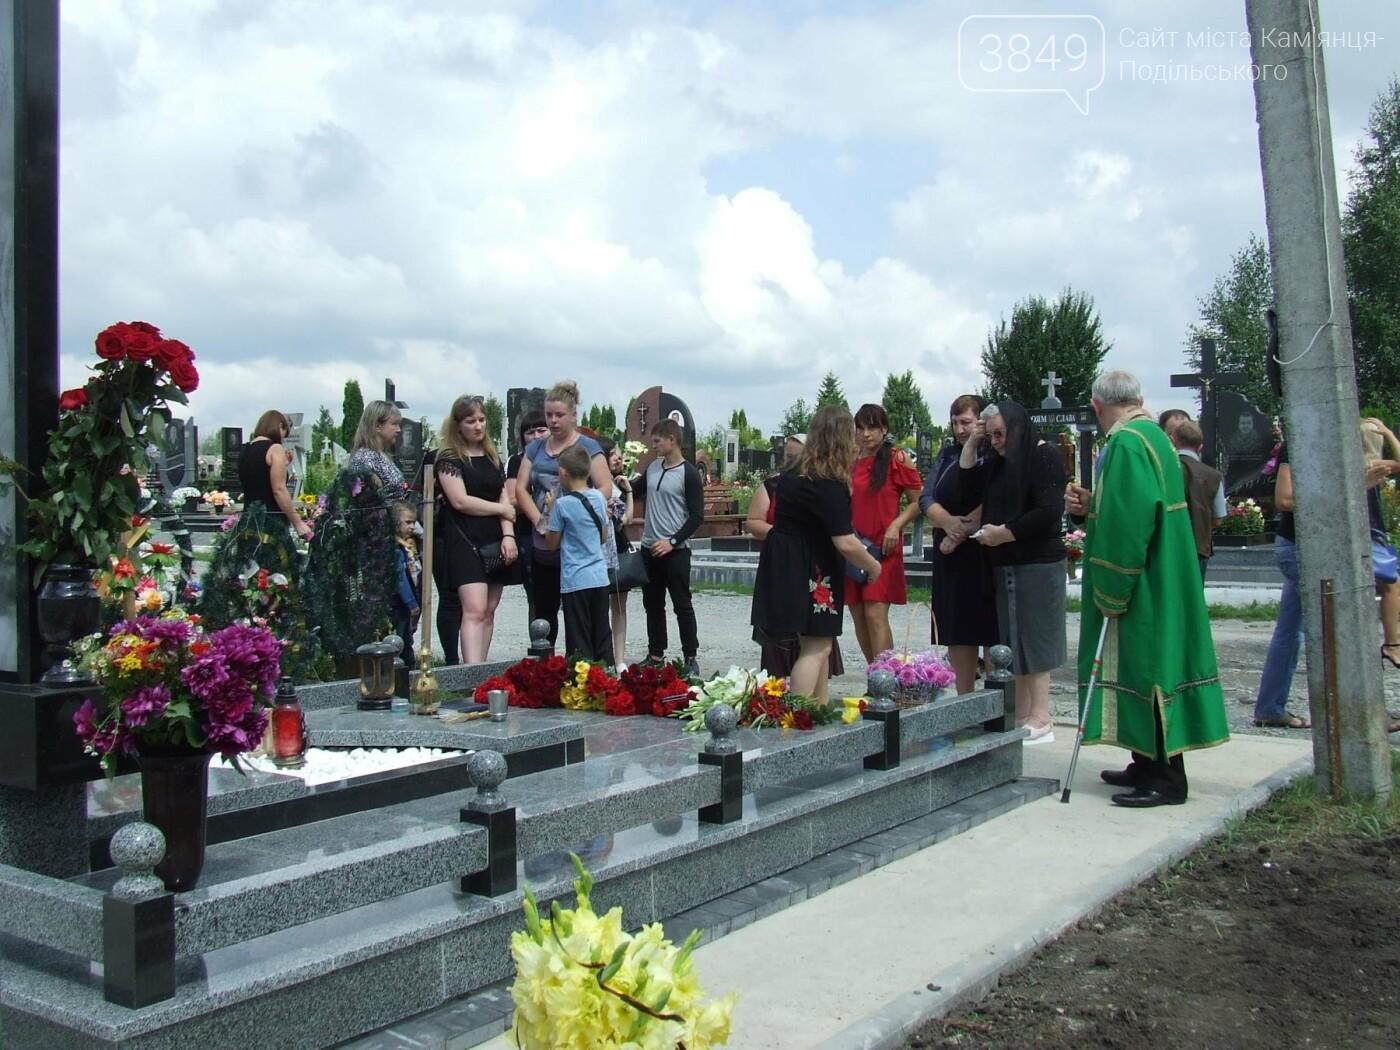 Річниця скорботи: у Кам'янці освятили меморіал Героя Ростислава Доброшинського, фото-26